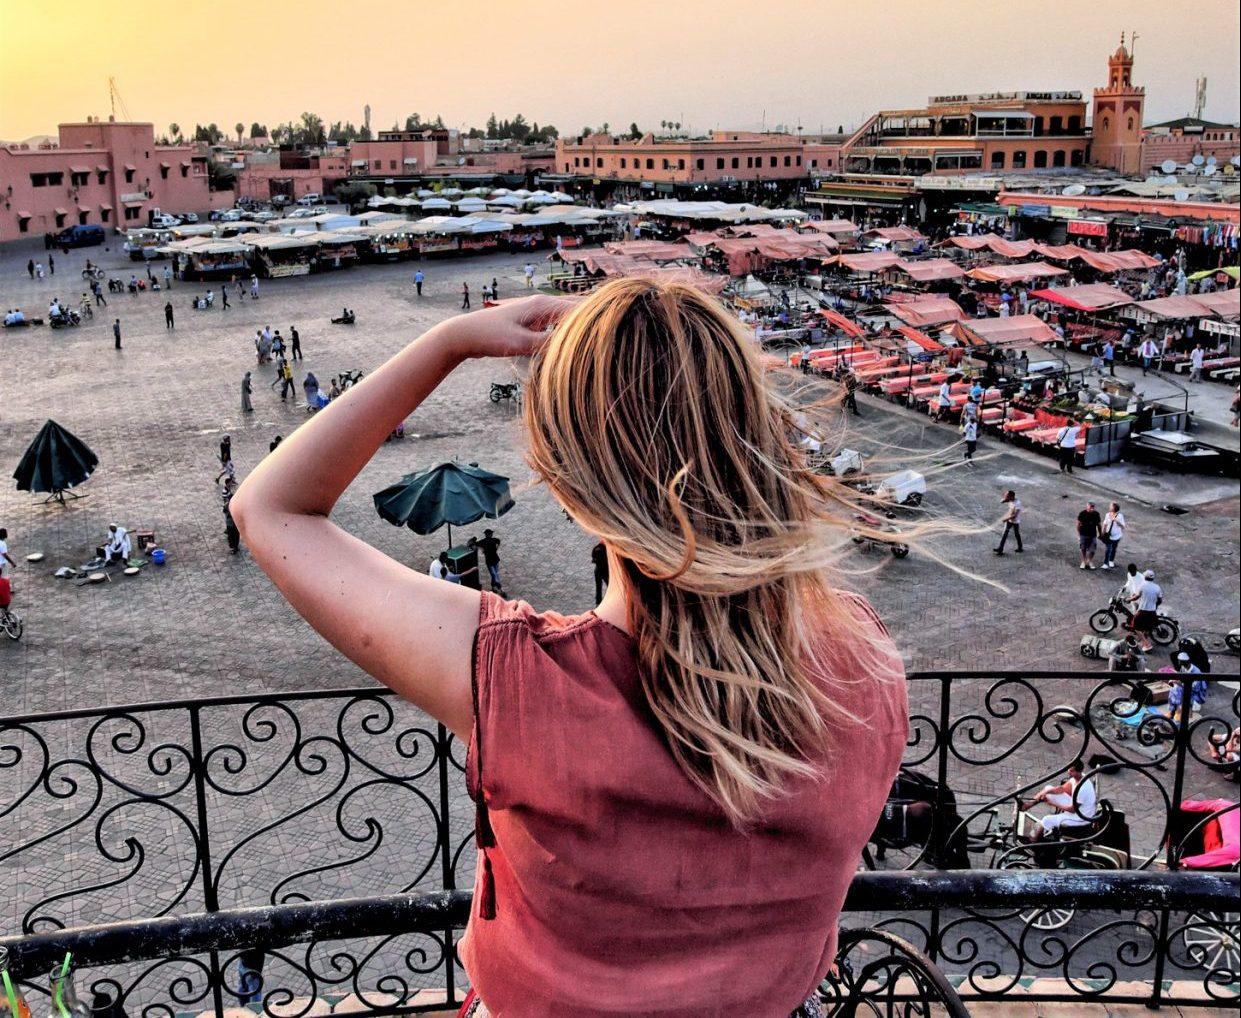 A Week in Morocco - Marrakech Essaouira & Atlas Luxury Spicy Tagine 1